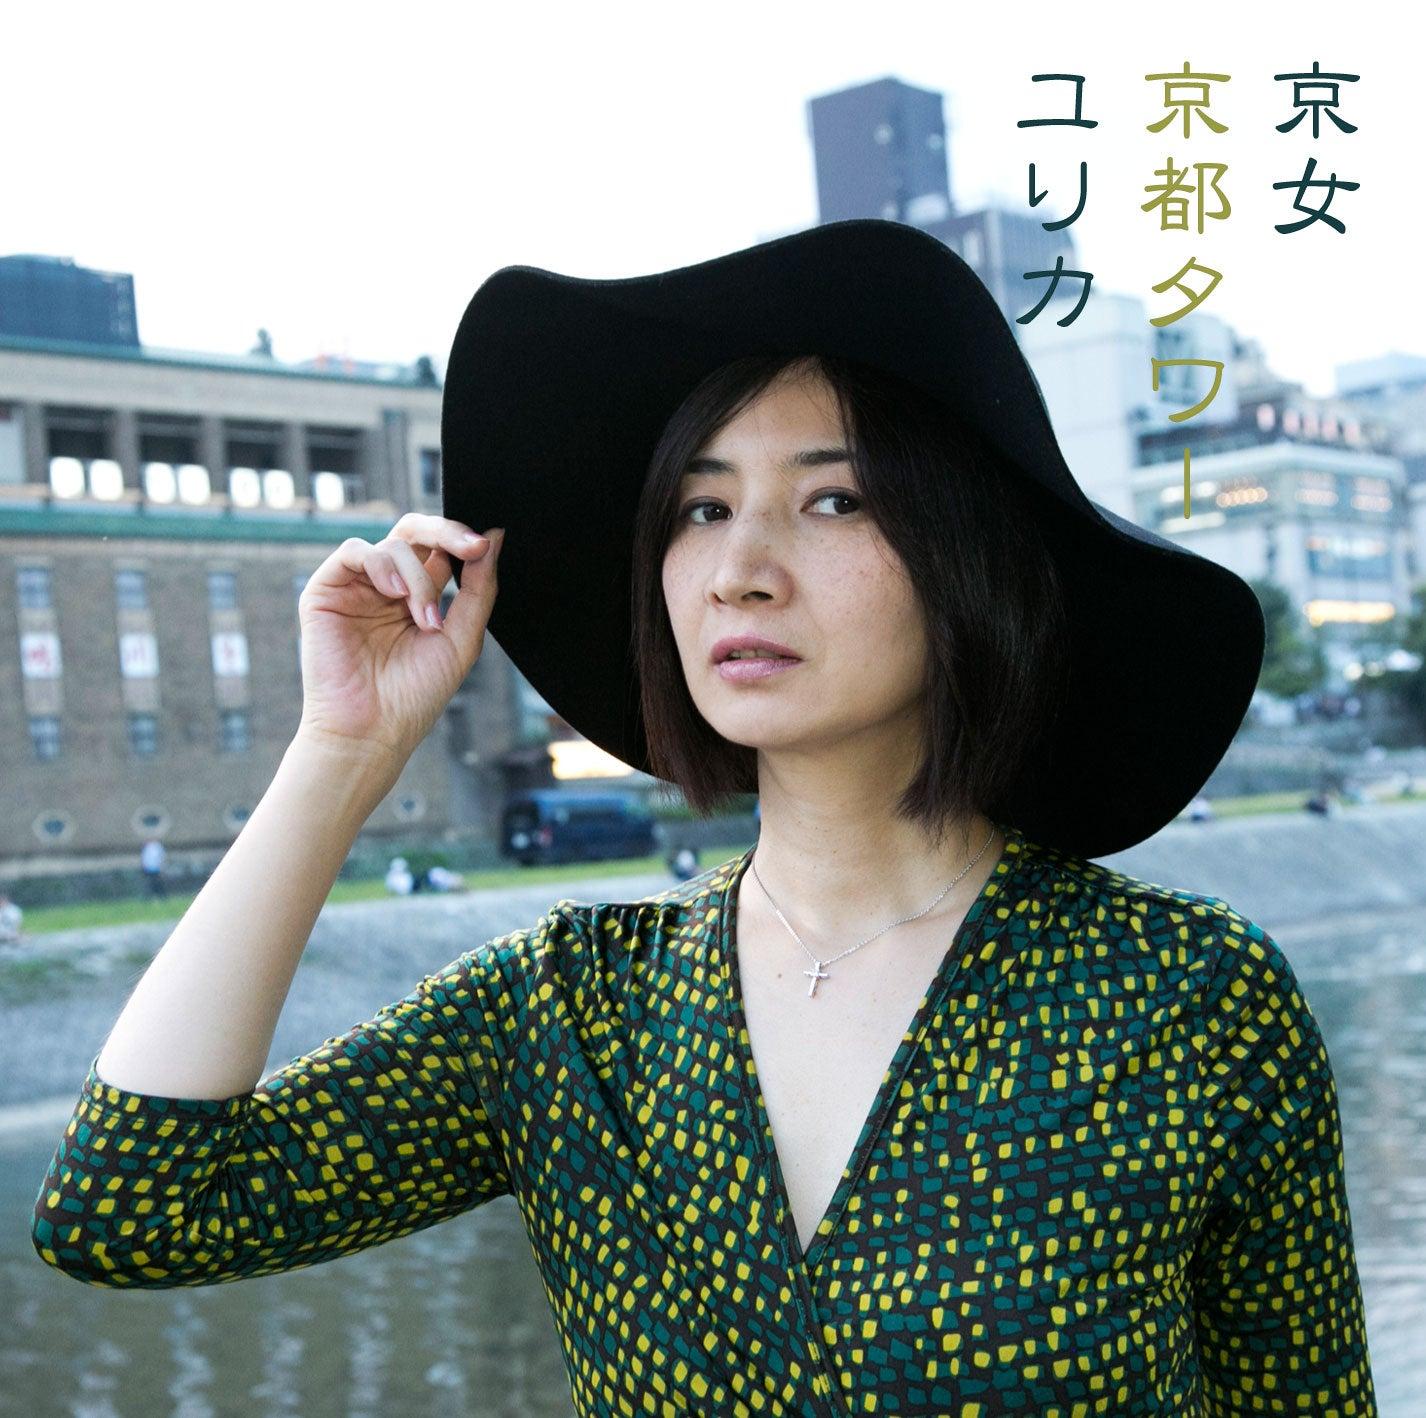 京女CDジャケット